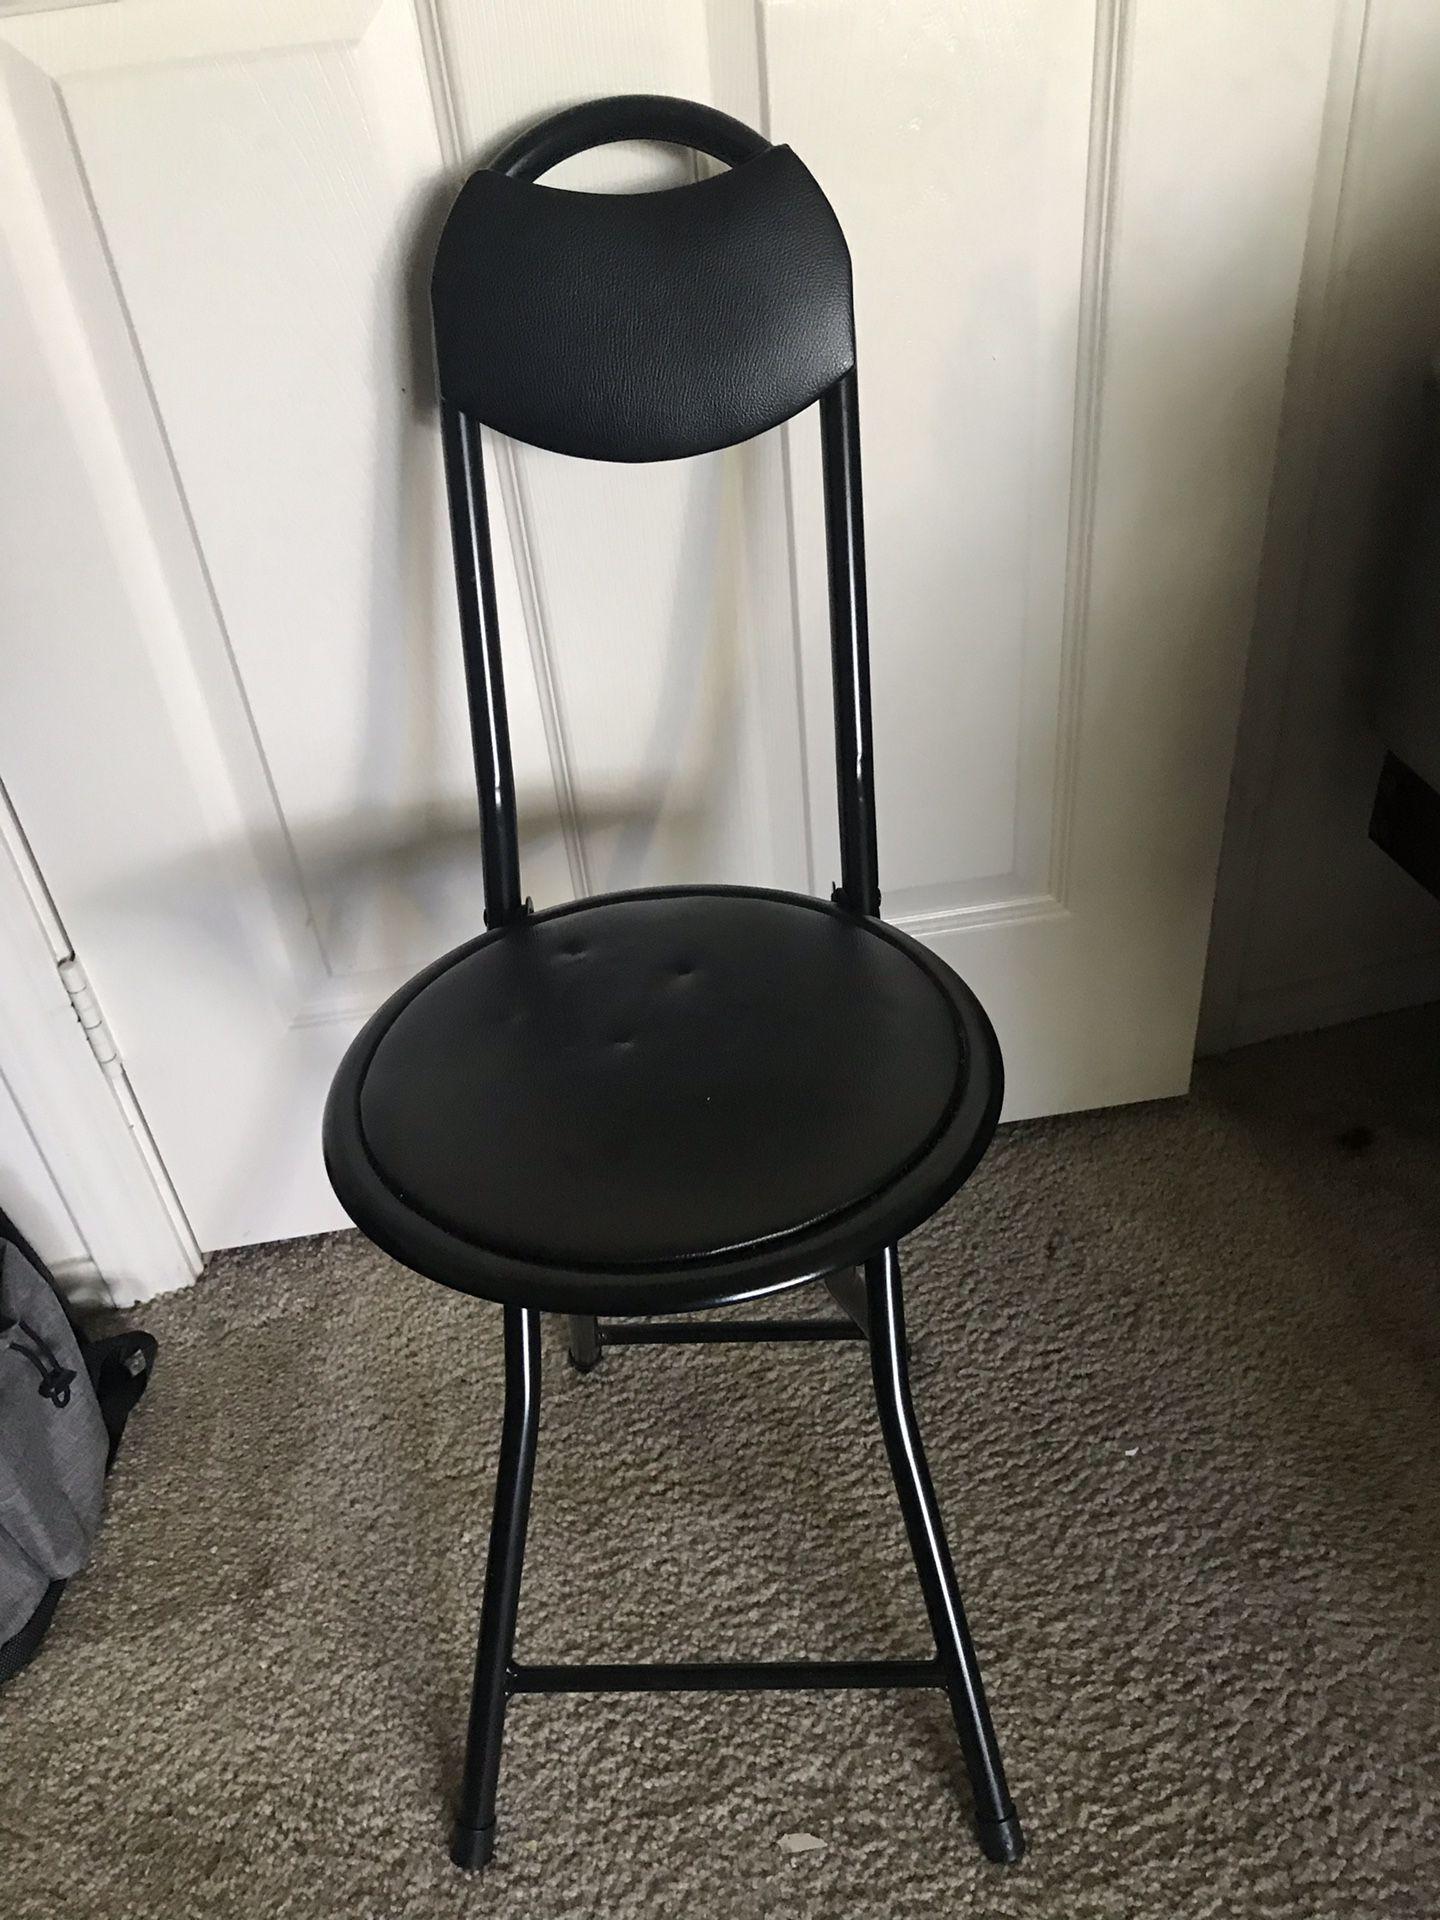 Cute Small Black Chair